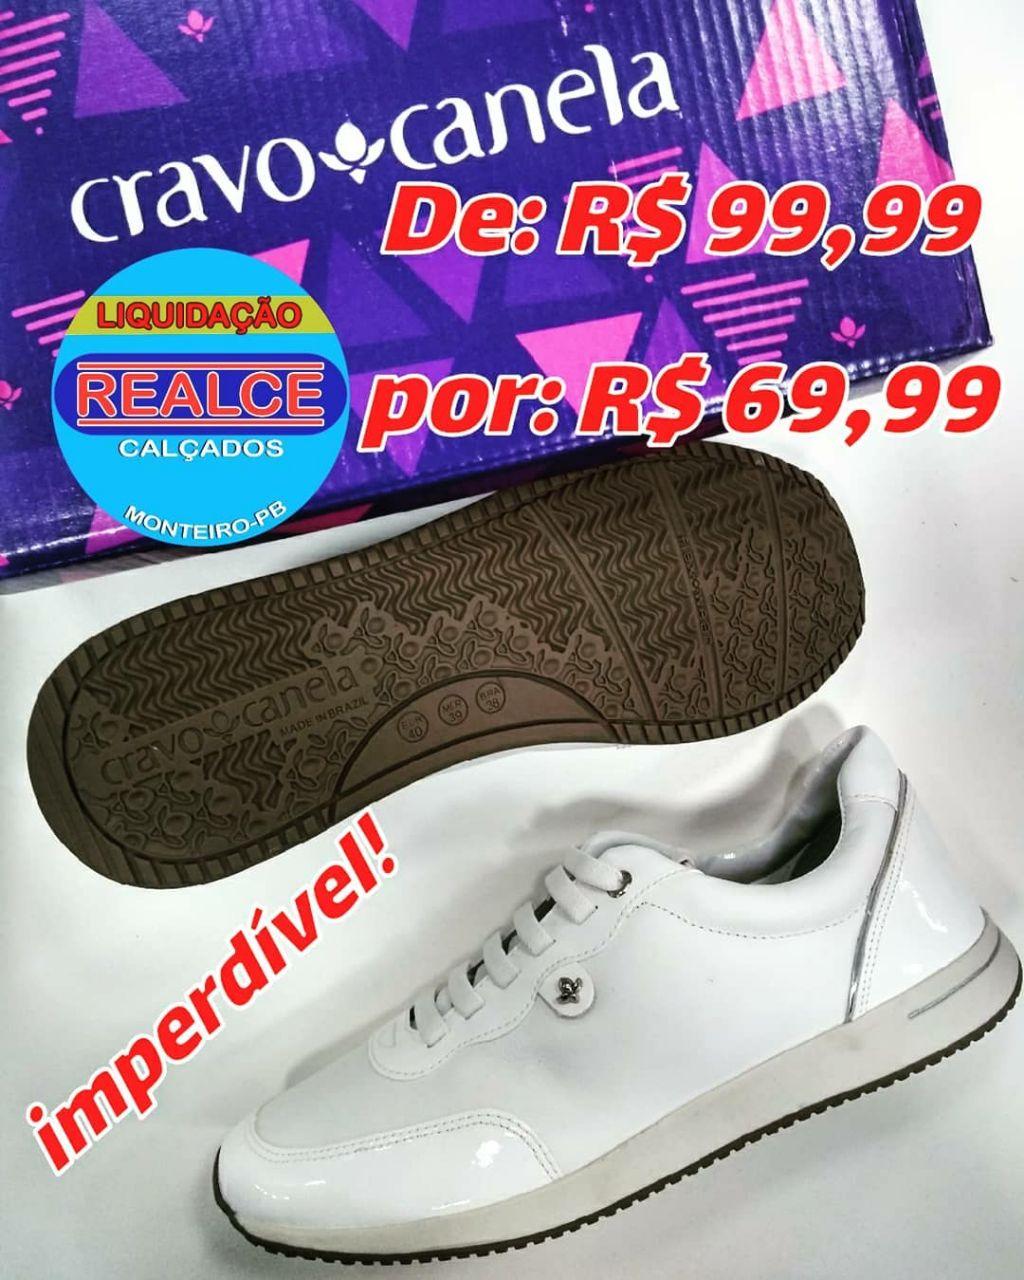 IMG-20180725-WA0215-819x1024 O melhor preço, o maior prazo e as melhores ofertas da região no setor da moda só a realce calçados de Monteiro tem.